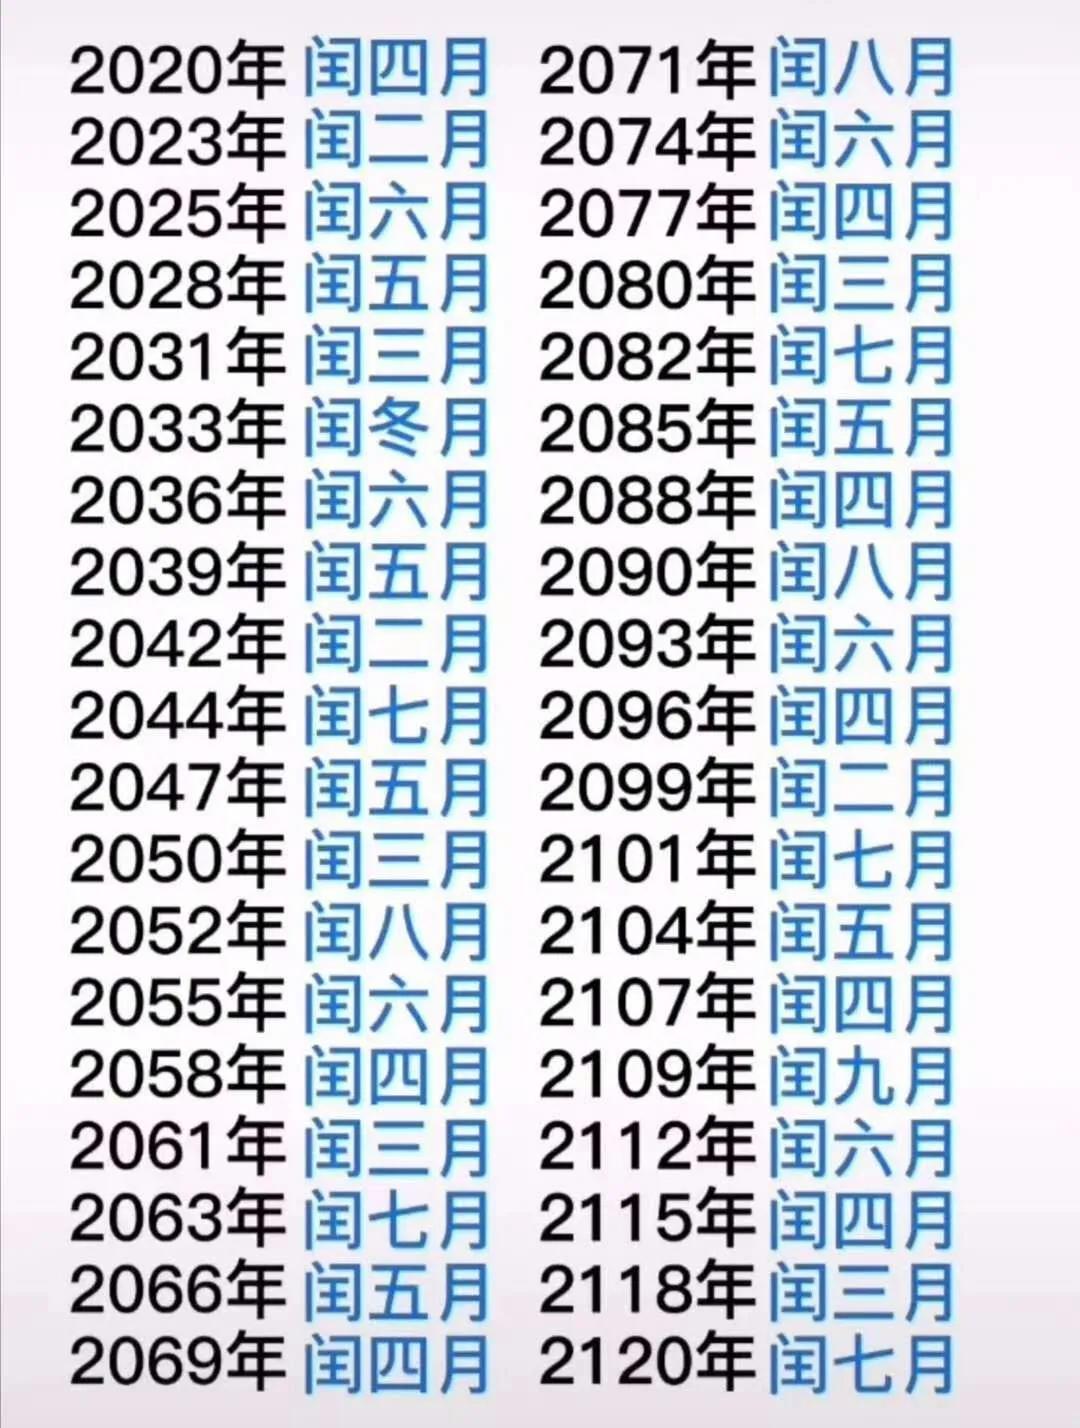 上下千年闰月表